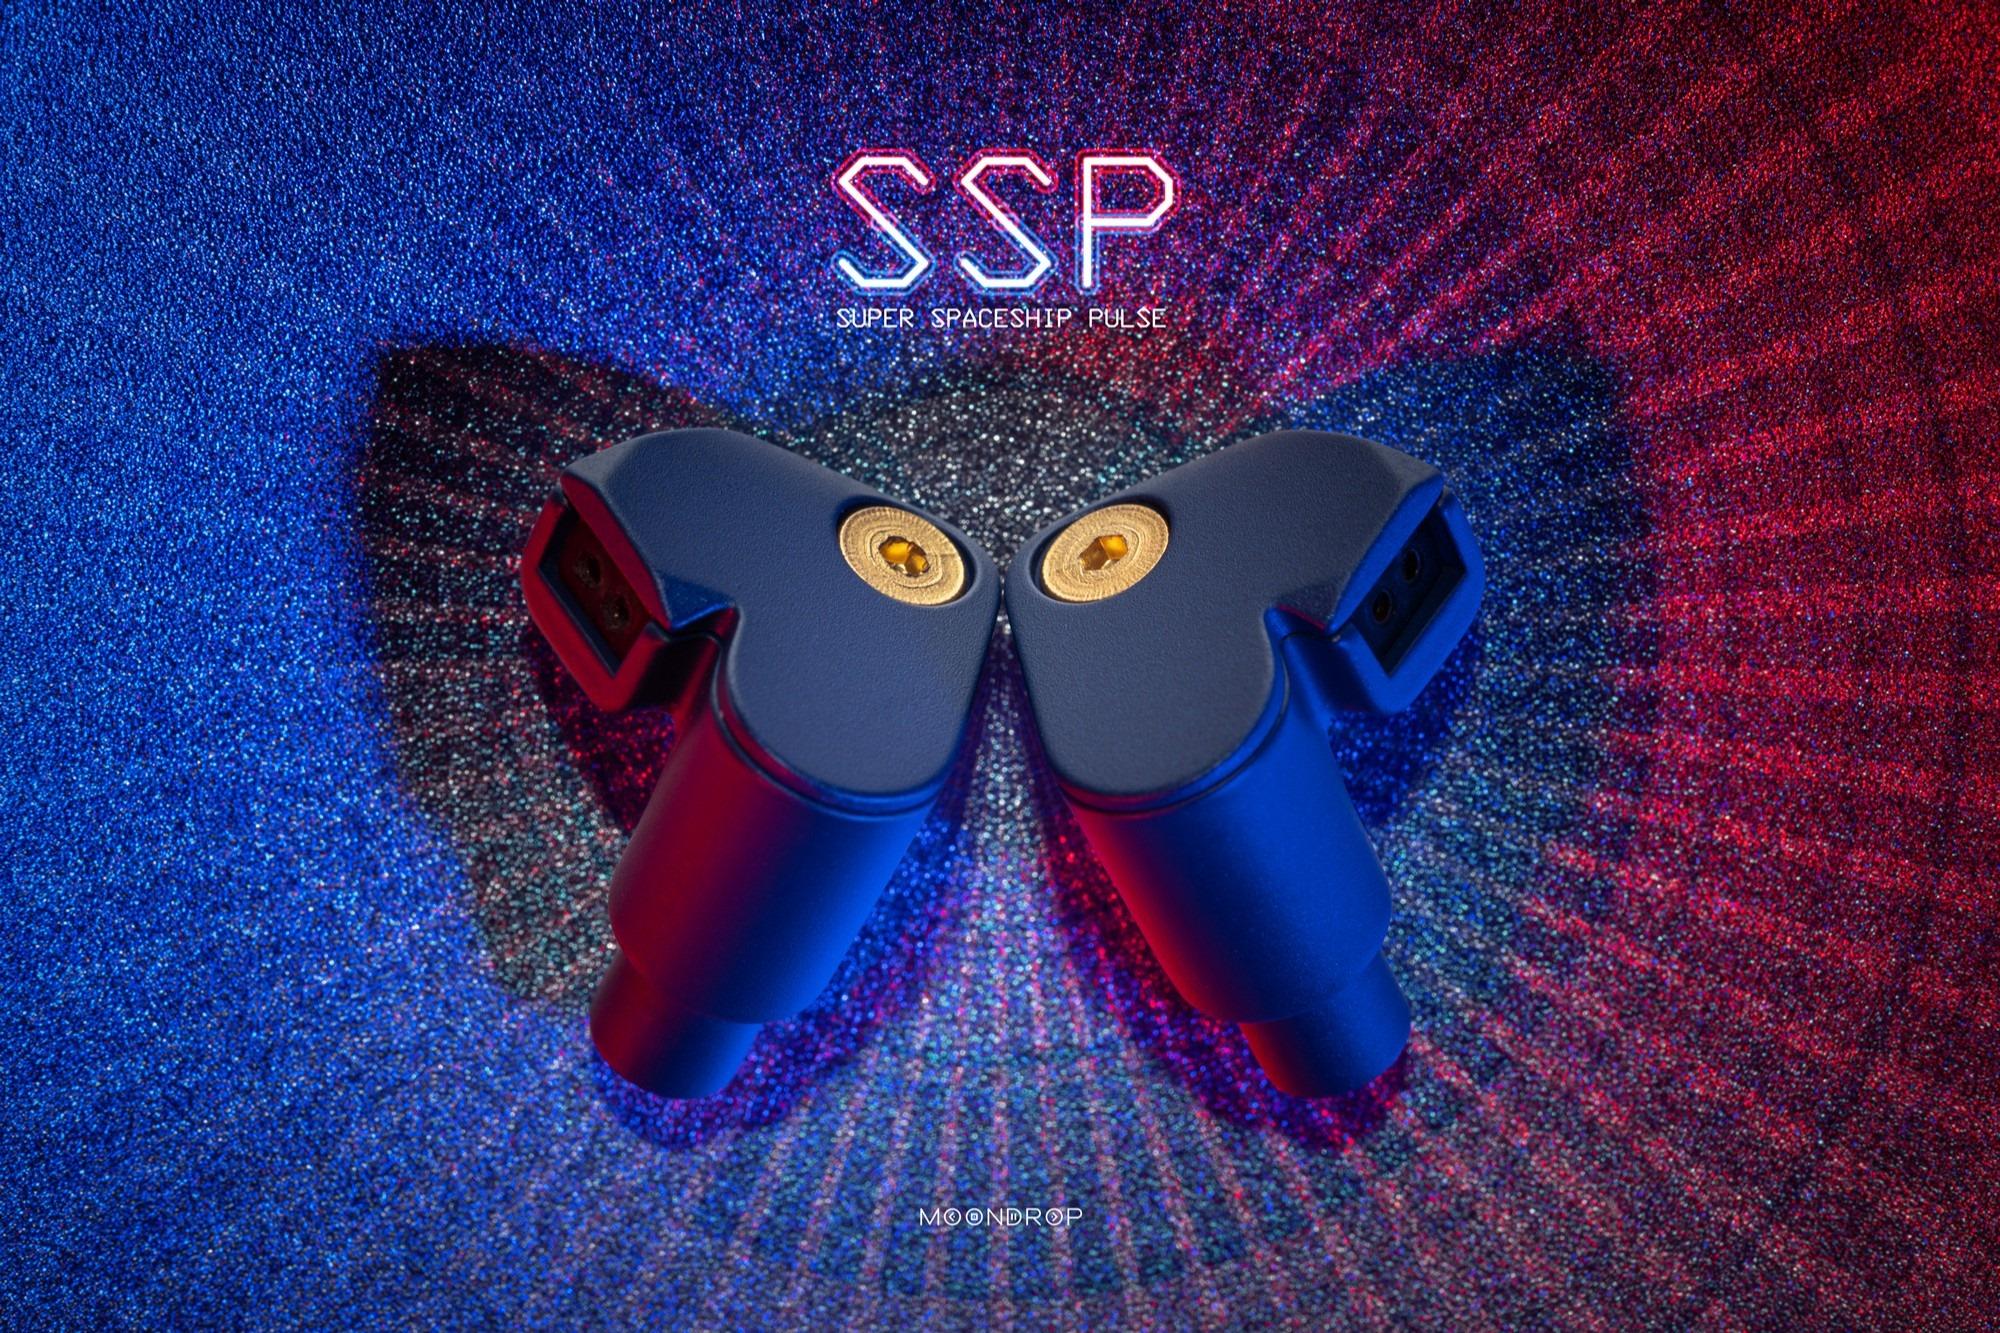 Moondrop SSP